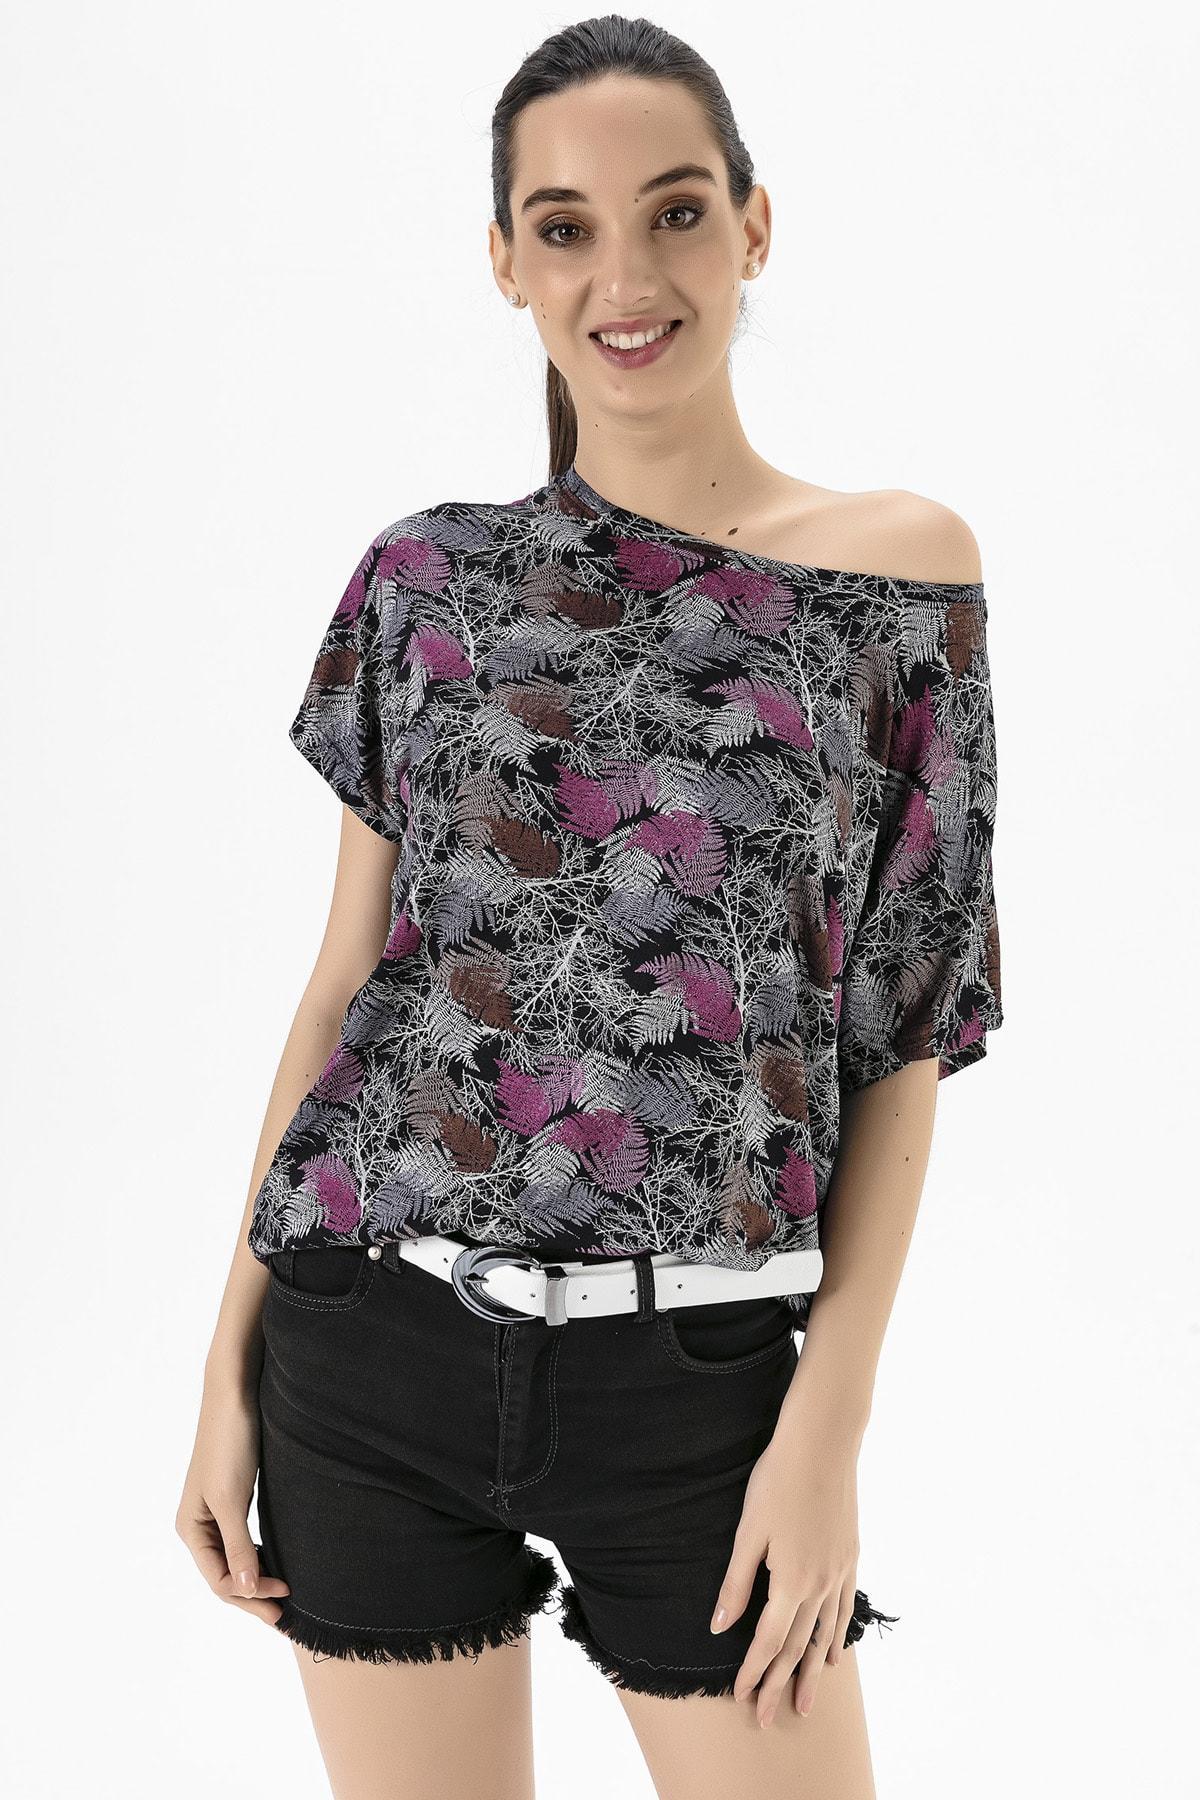 EMJEY Kadın Yaprak Desen Düşük Kol T-Shirt She020Y020001 1